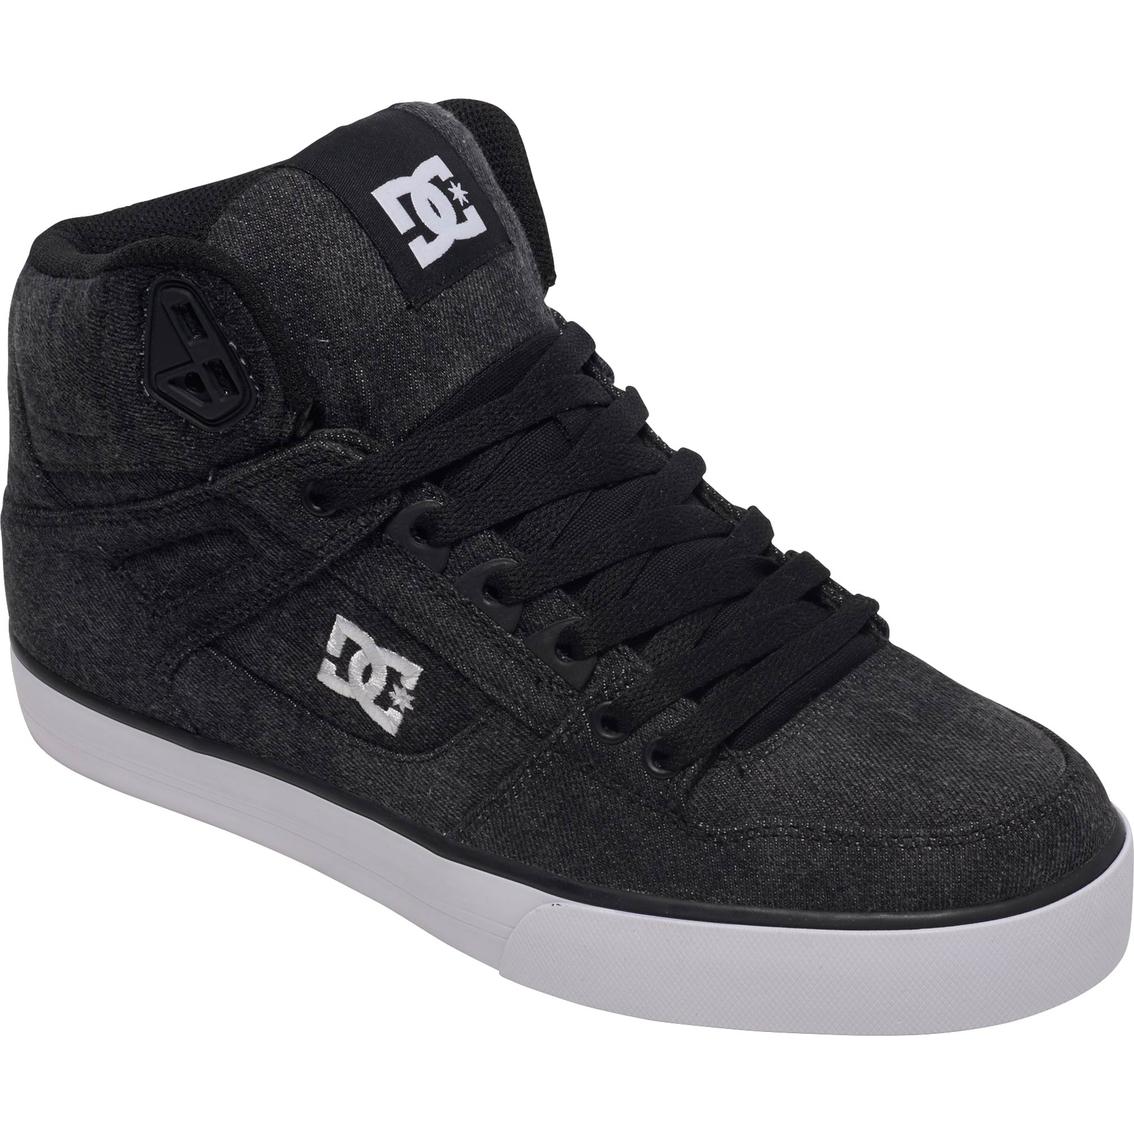 bb7900efa5 Dc Shoe Co. Spartan High Tx Se Shoes   Casuals   Shoes   Shop The ...